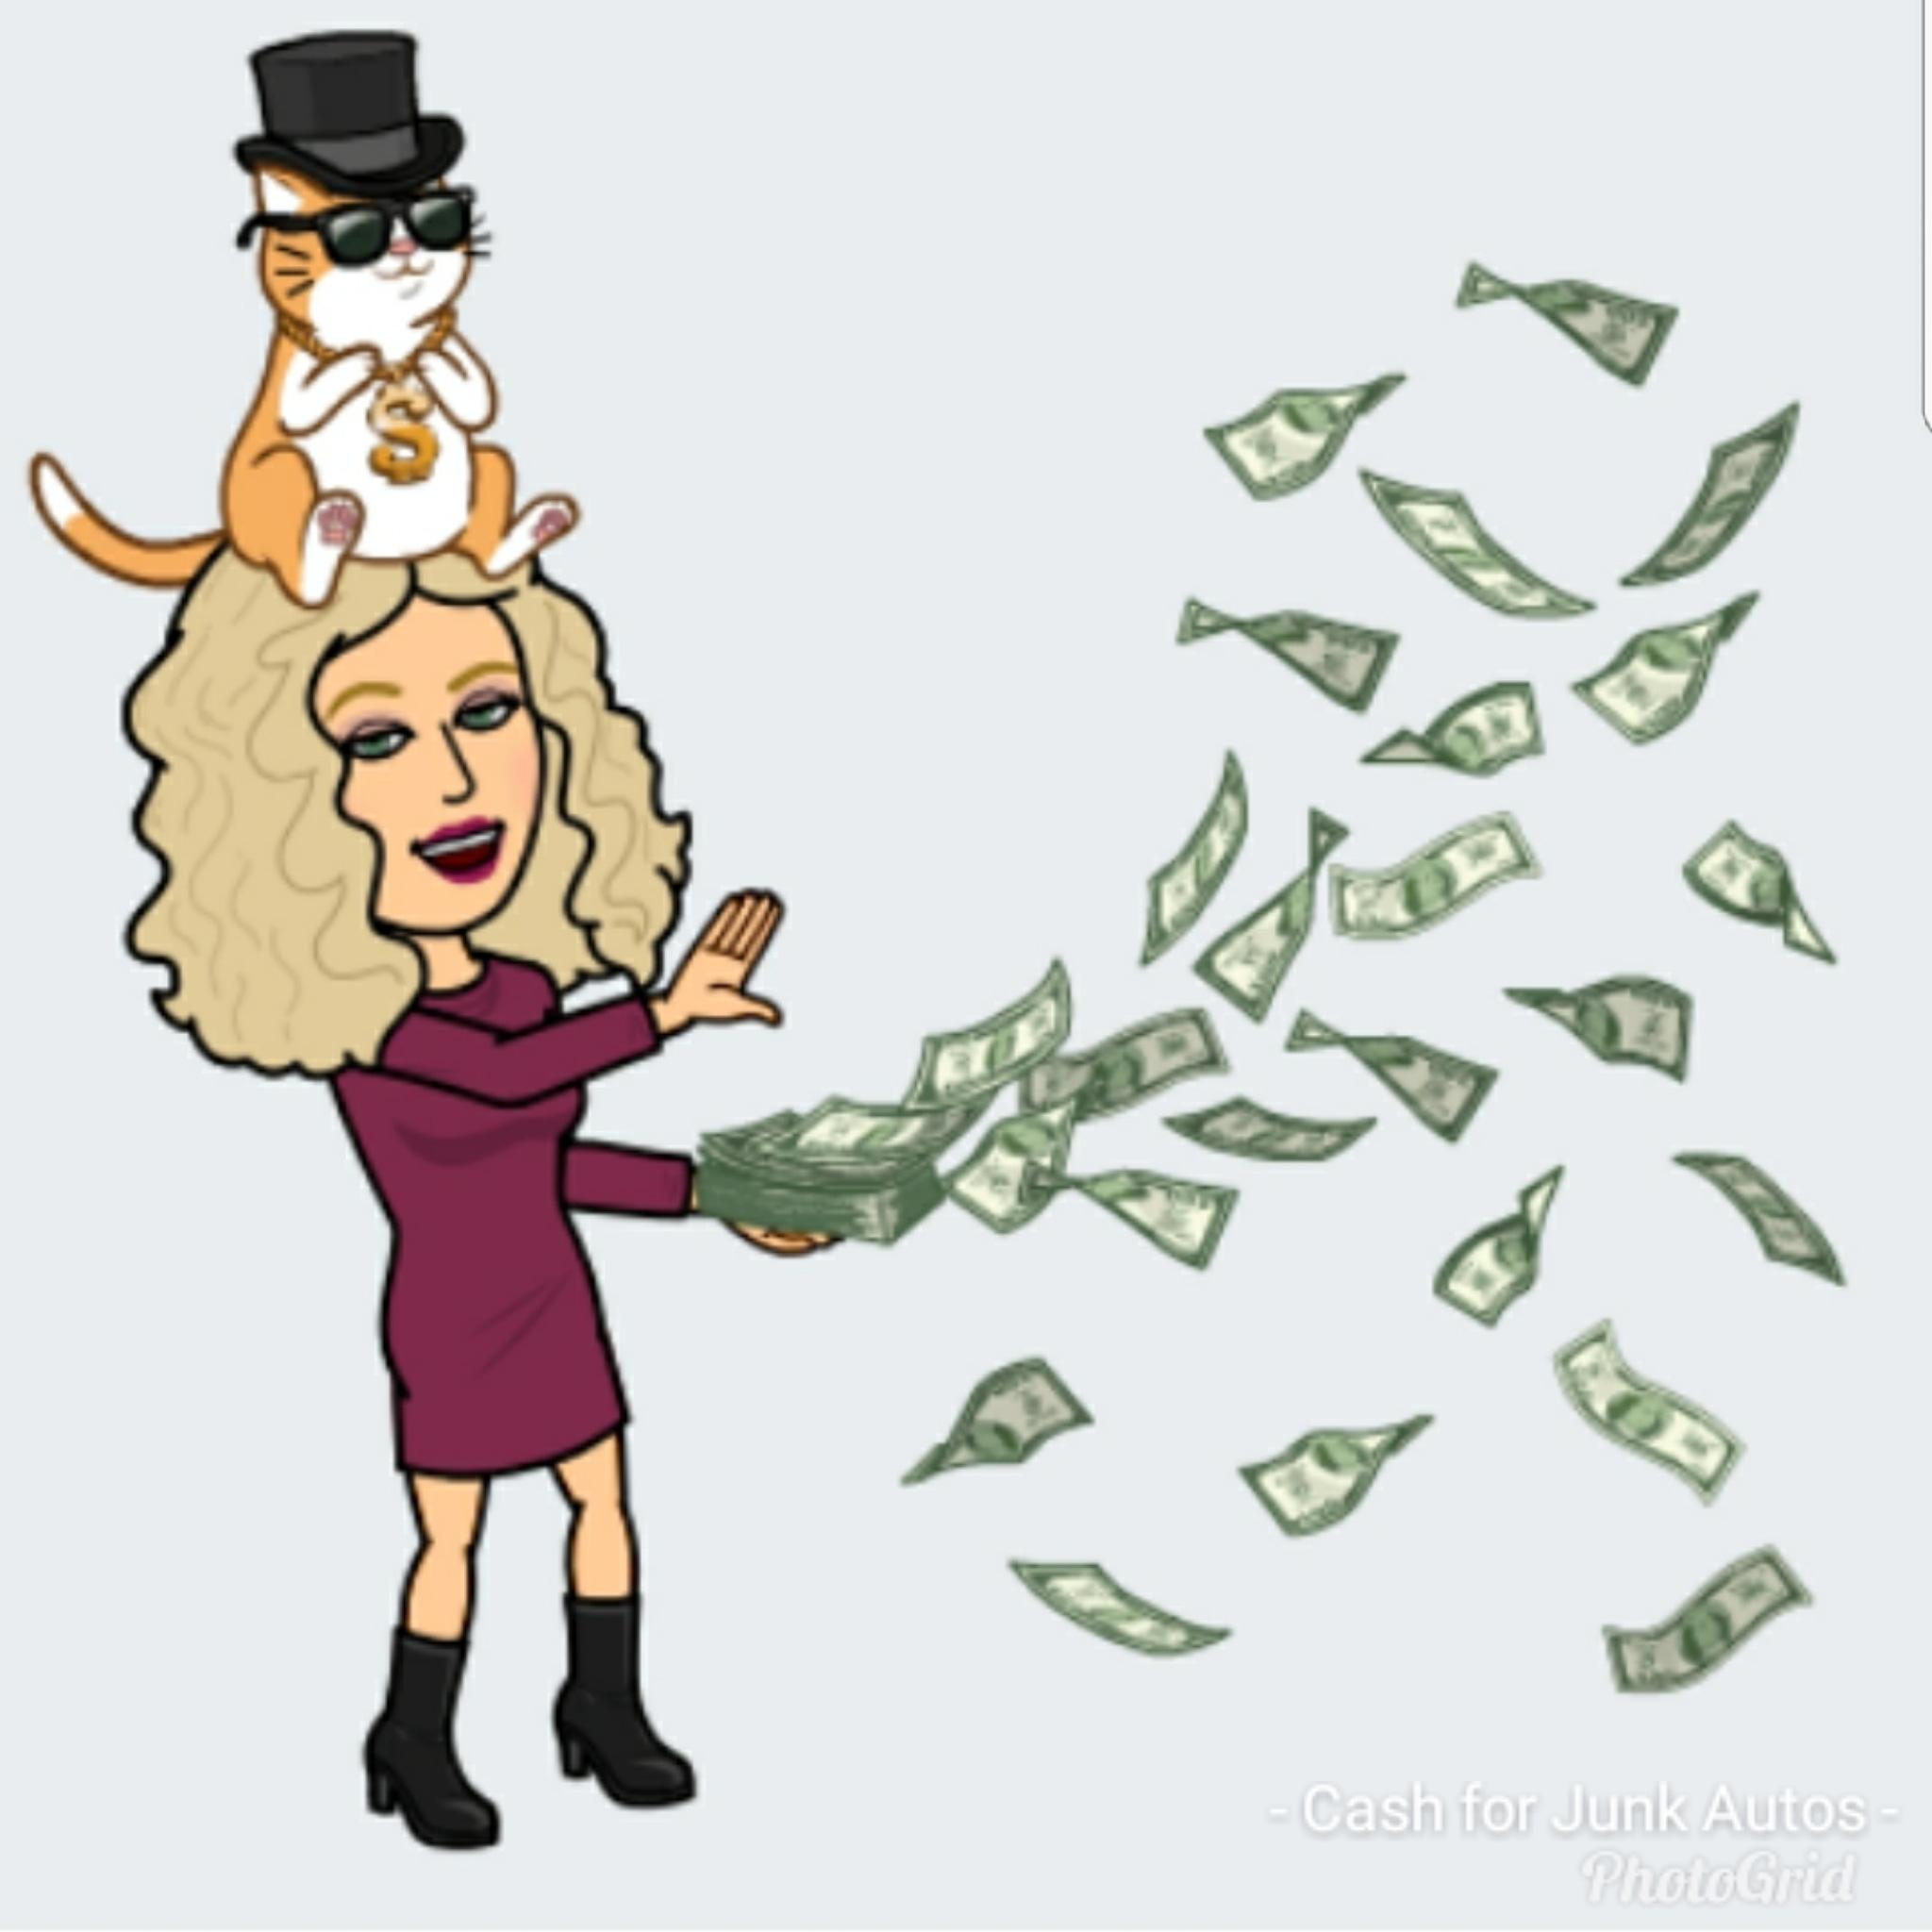 Cash for Junk Autos NJ image 2